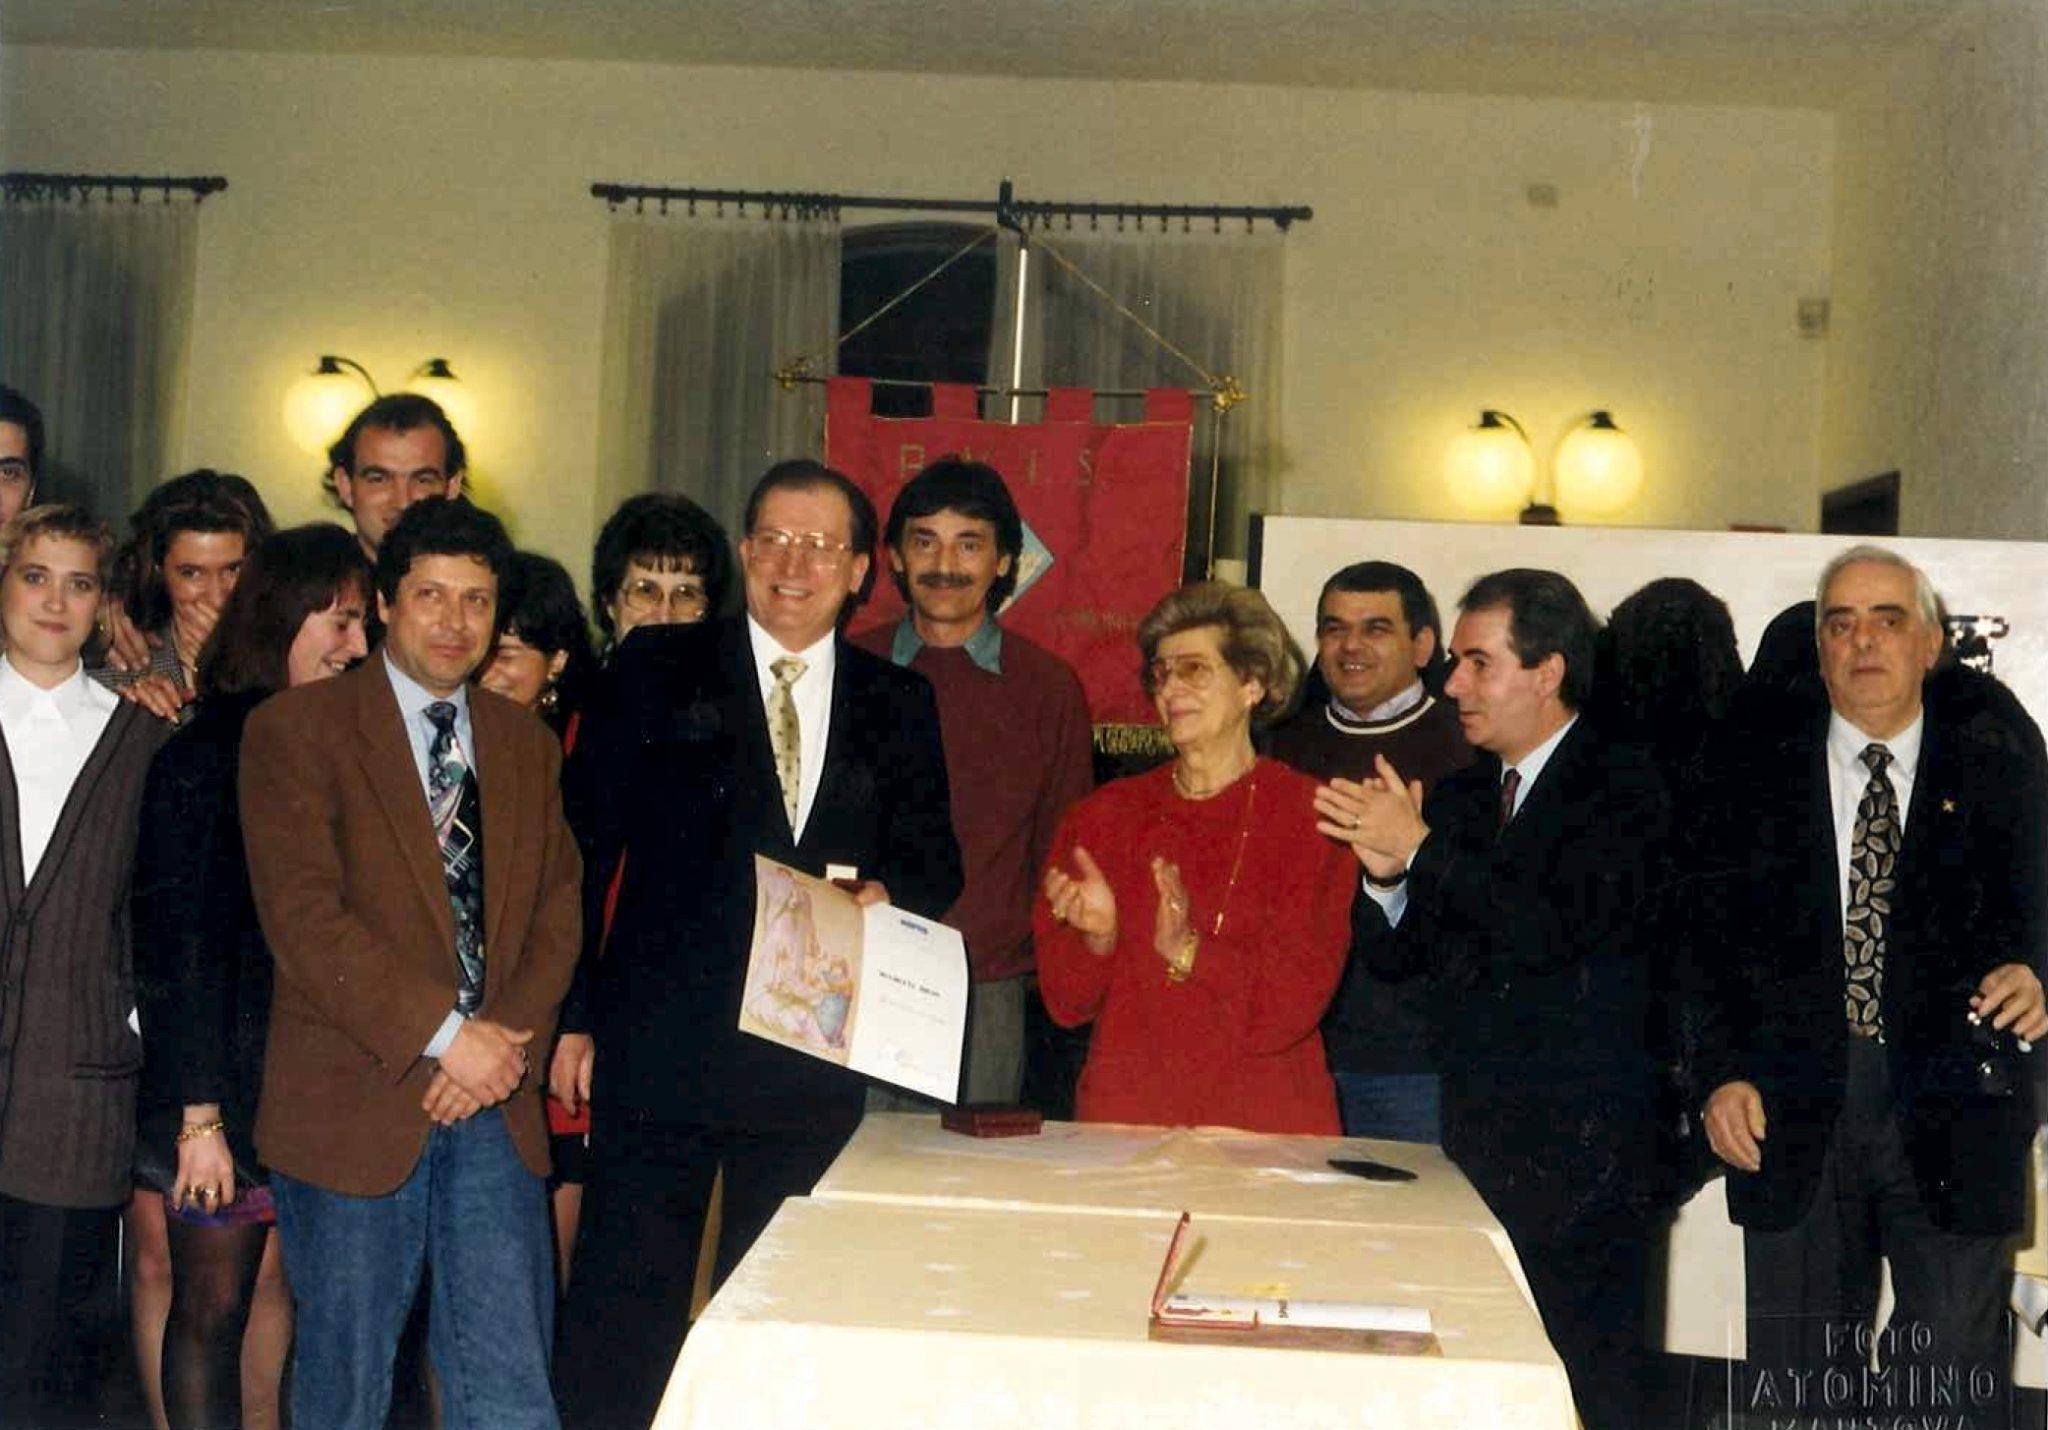 Gentile Favini e l'esecutivo di Avis comunale premiano la famiglia Muchetti dove tutti erano di donatori